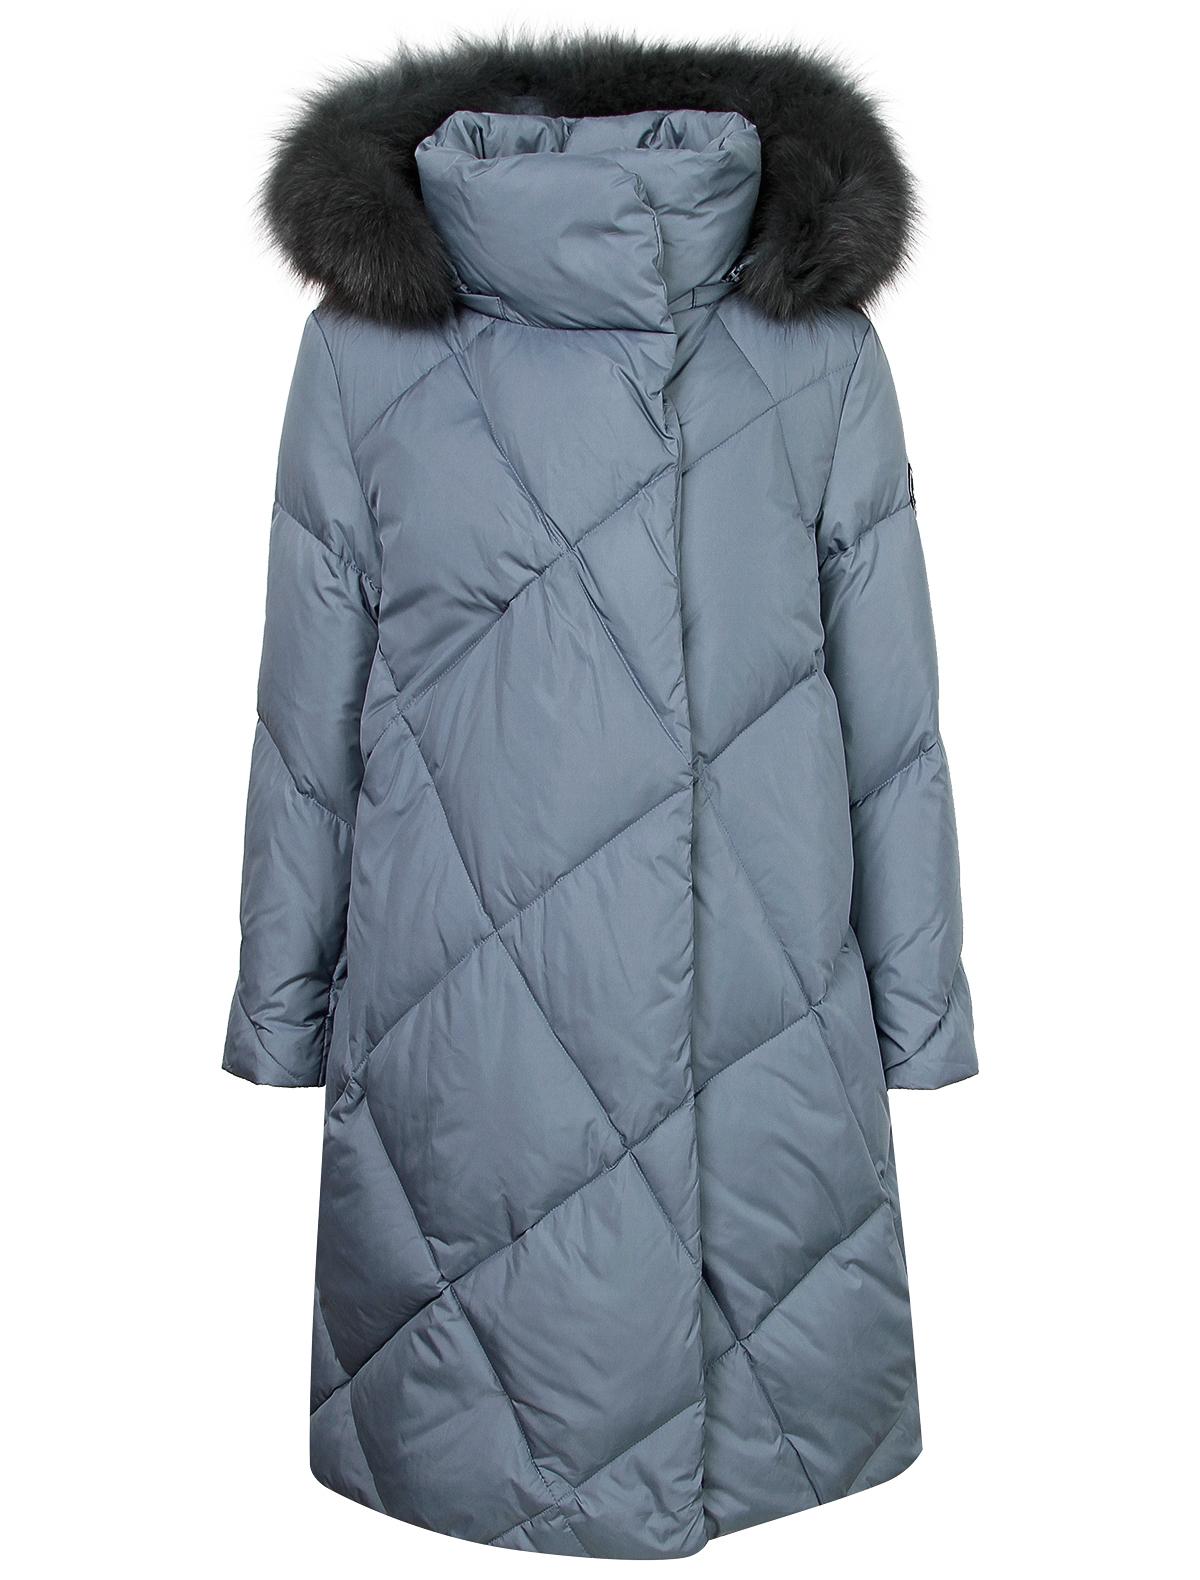 Купить 2121253, Пальто Jums Kids, голубой, Женский, 1121509980057